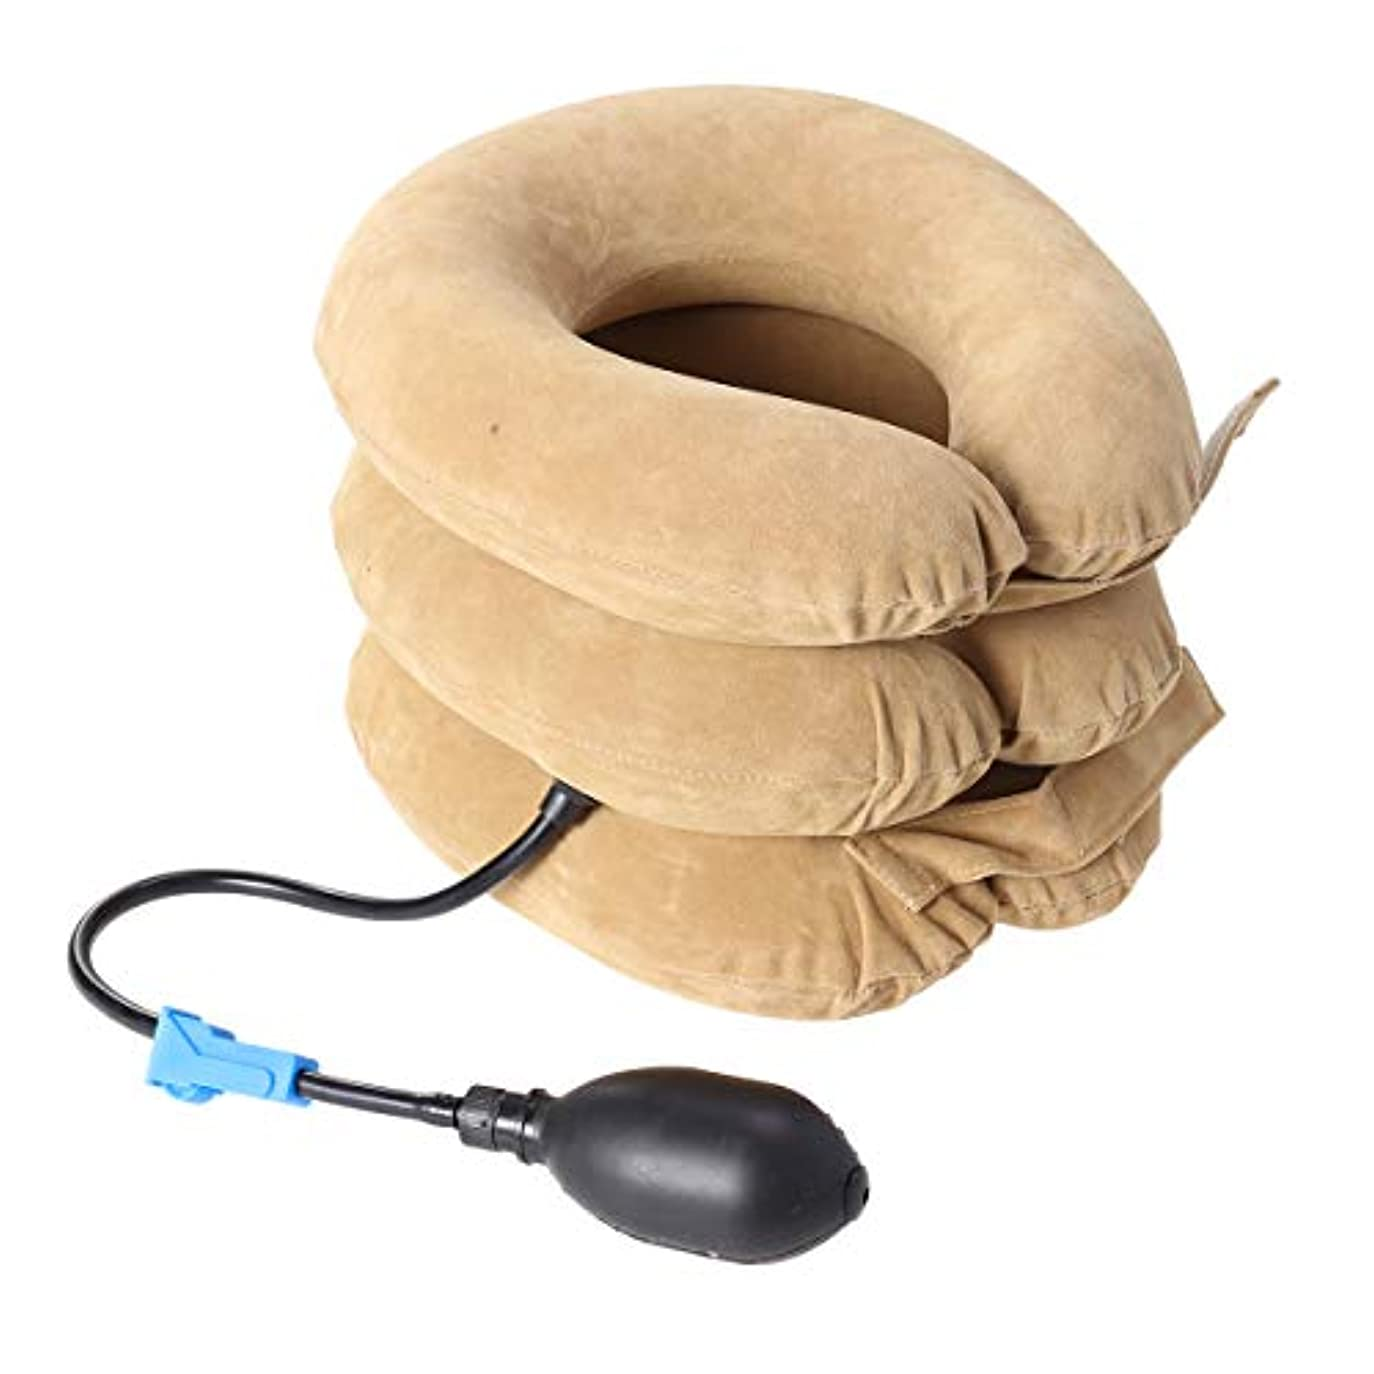 グレー時代腕ポンプ首のマッサージャーが付いている膨脹可能な頚部首の牽引つばの三層の装具の椎骨サポートベルト